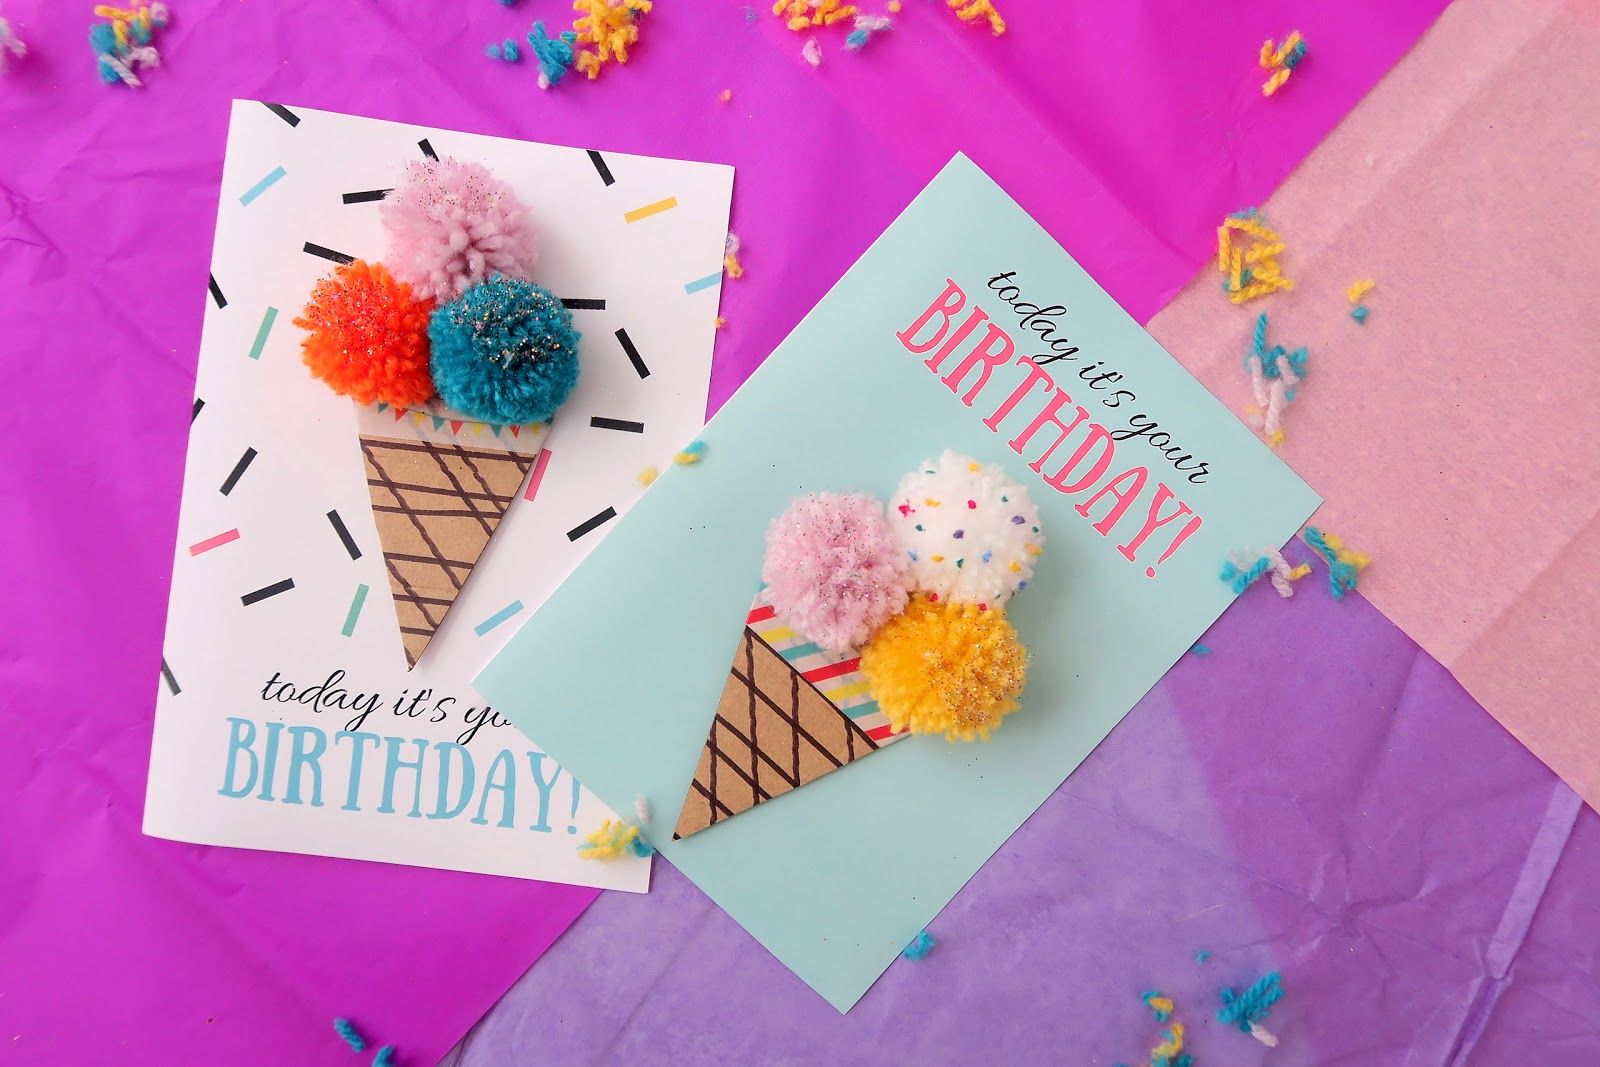 Открытка на день рождения подруге своими руками 8 лет, рейха